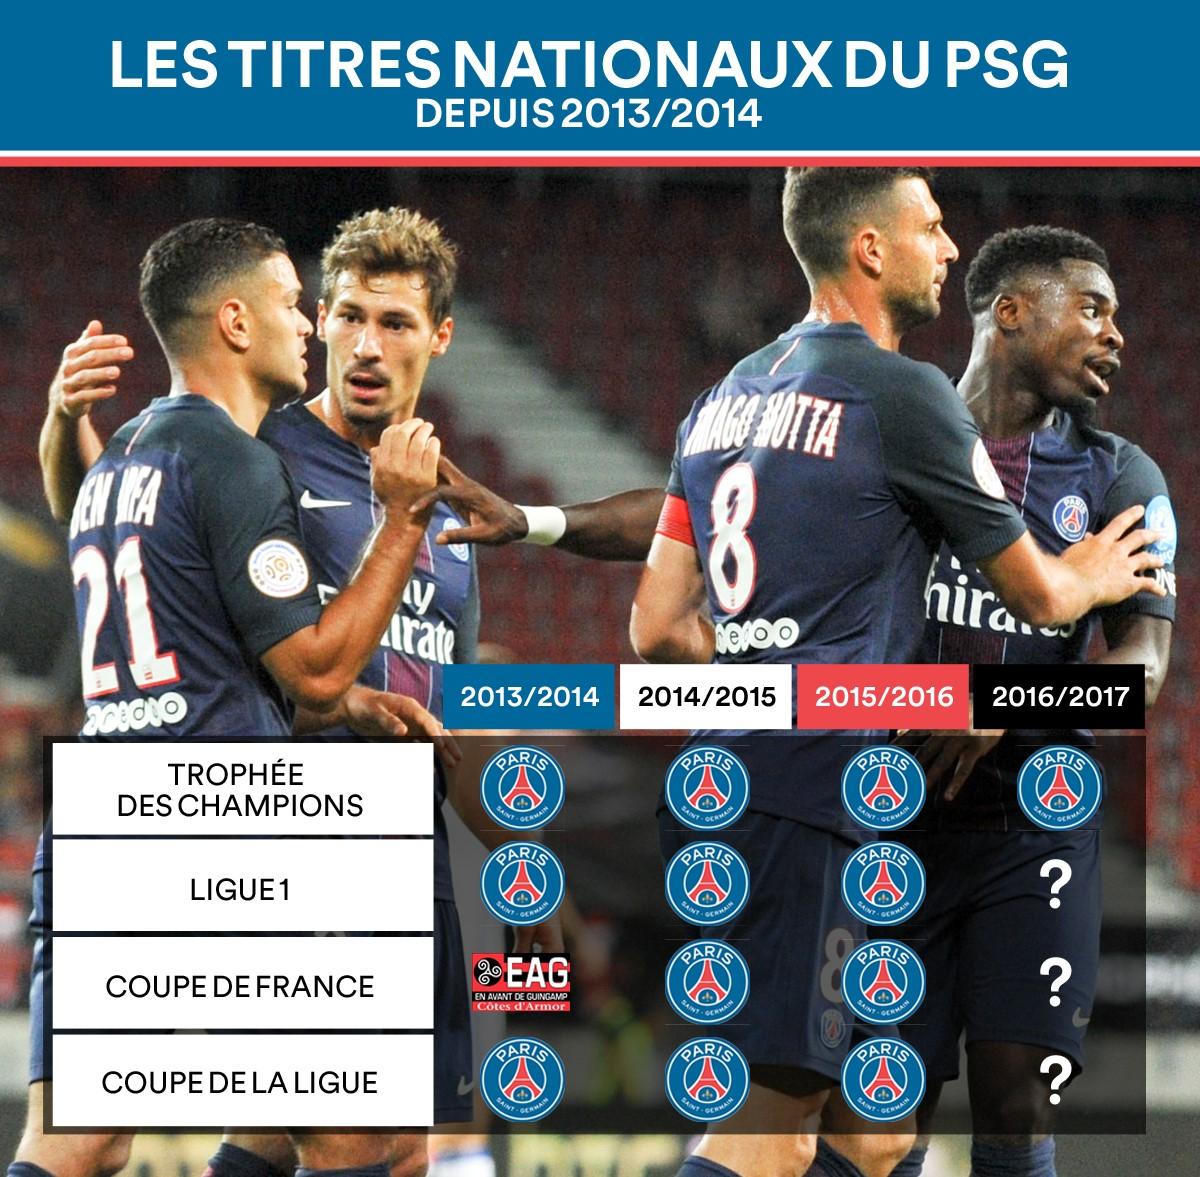 Прогноз на матч ПСЖ - Лион 06 августа 2016